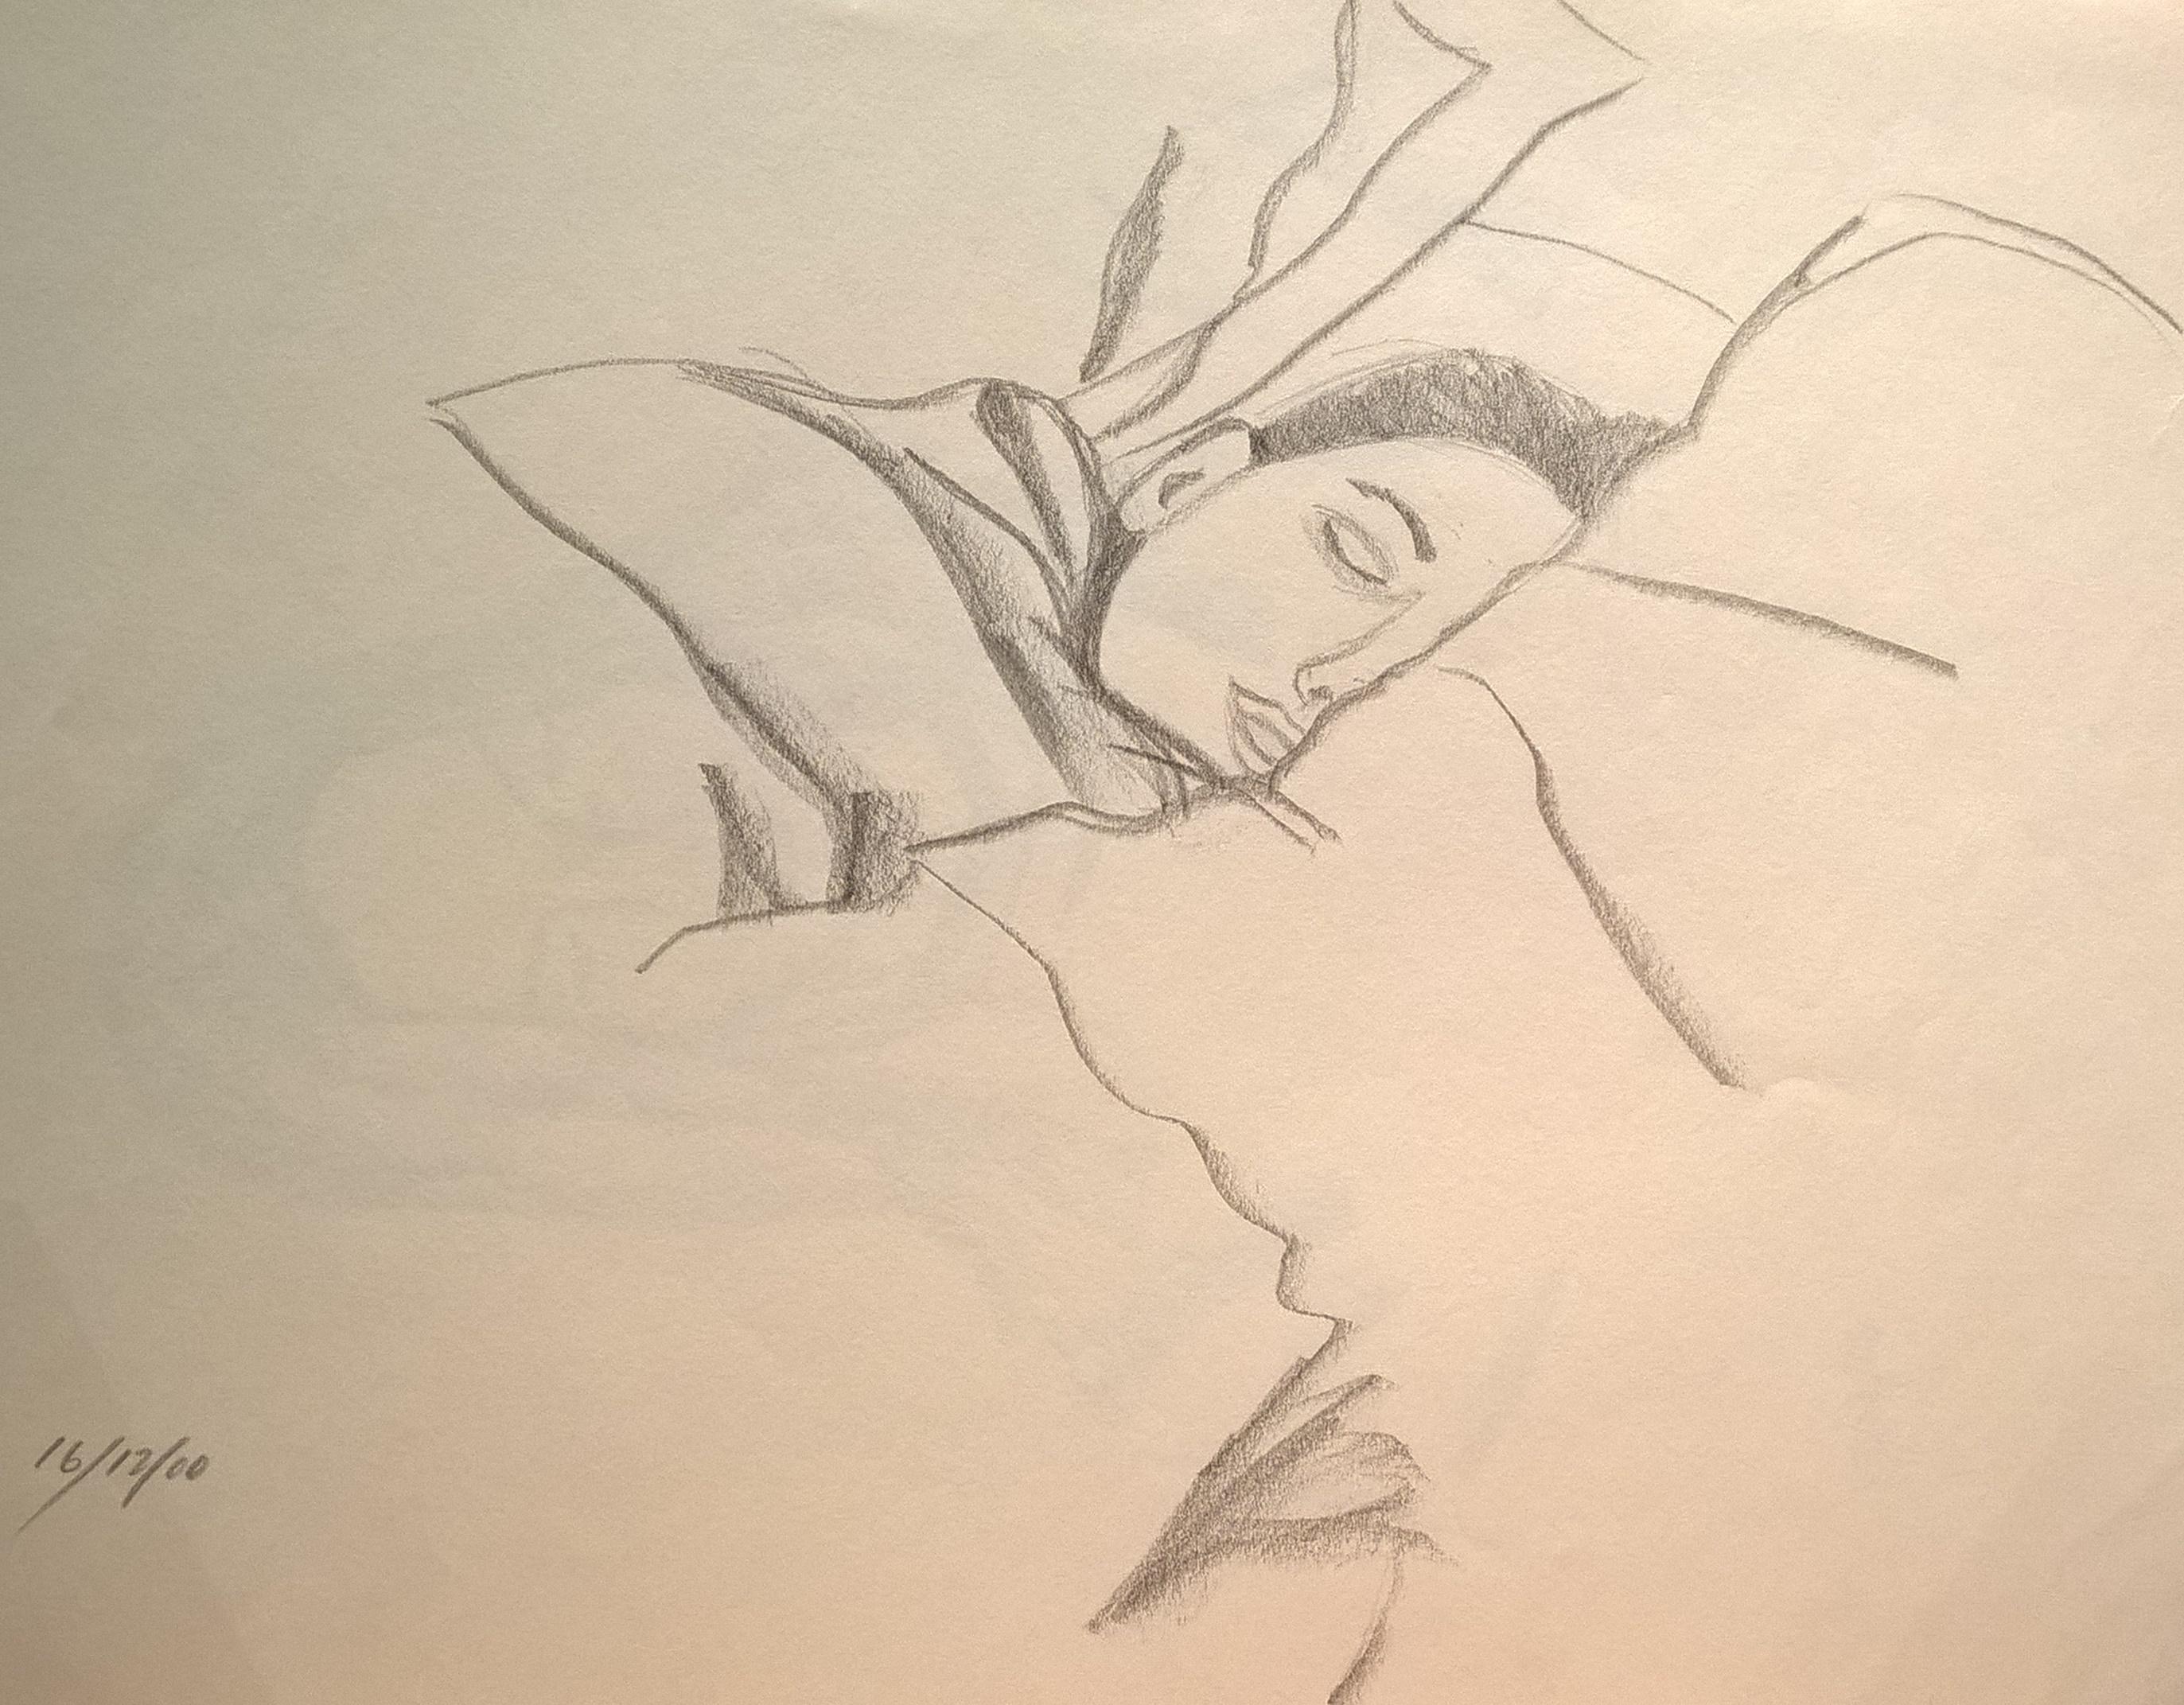 Kim tucked up